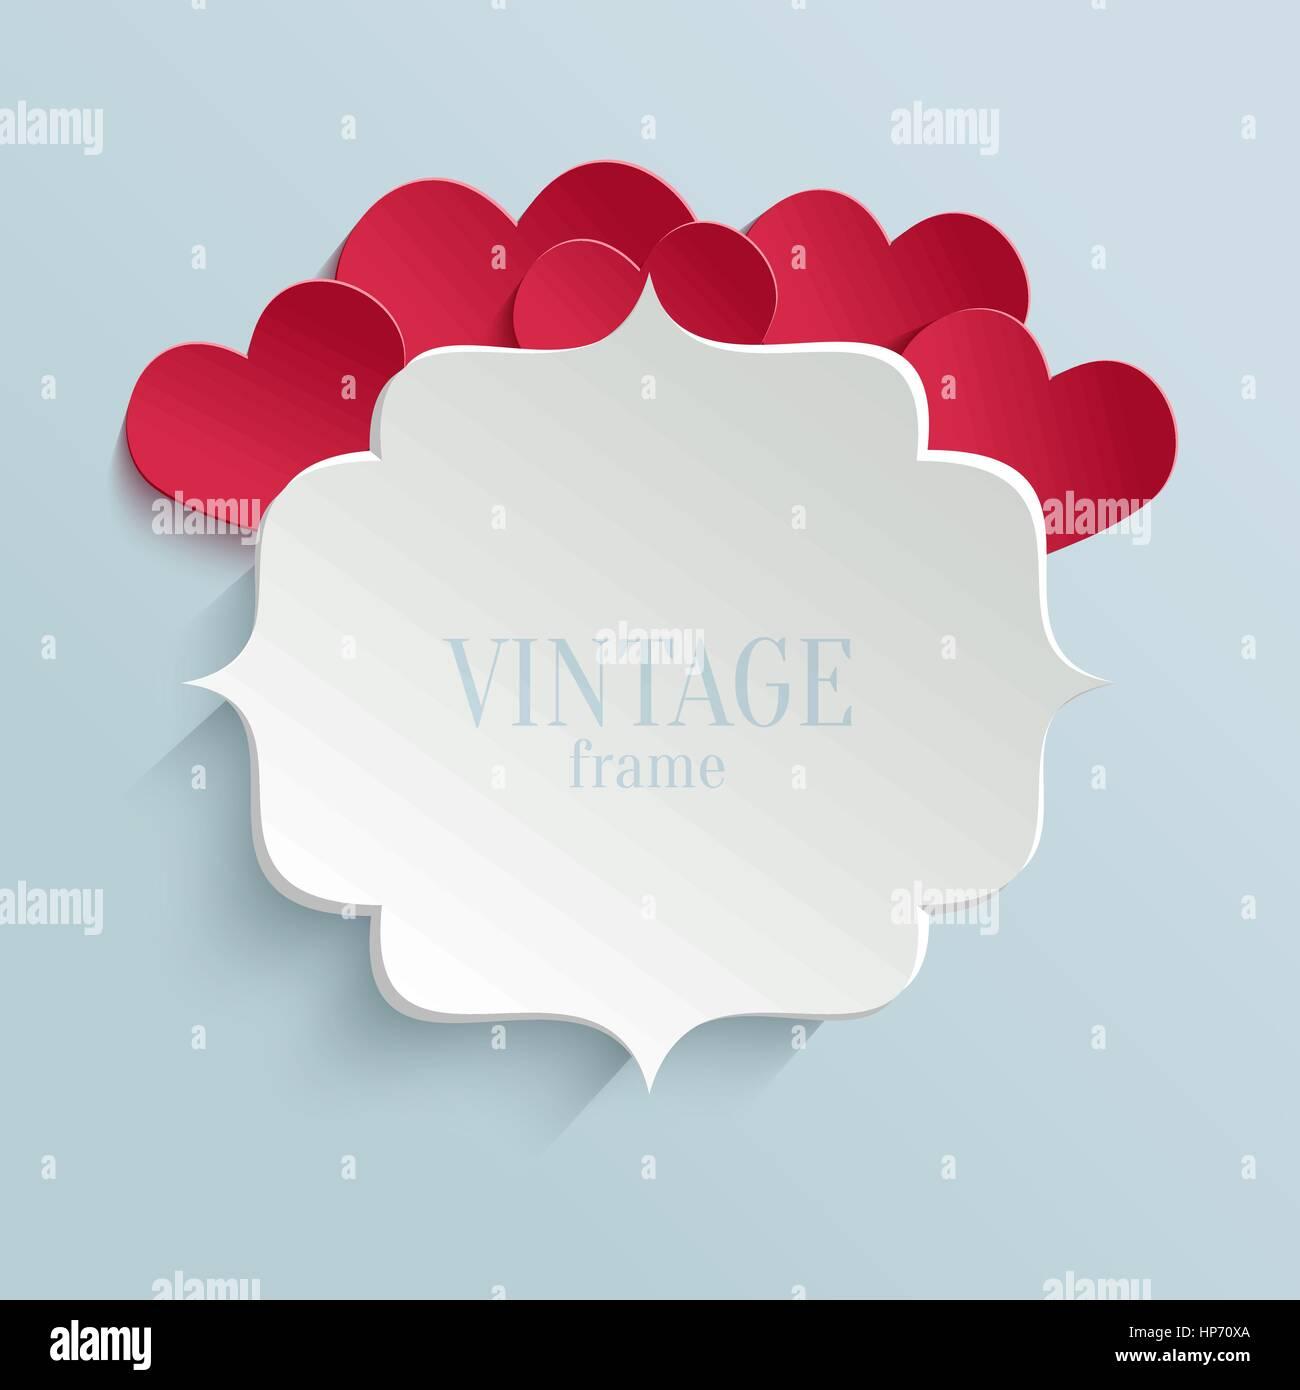 White Paper Banner im Vintage oder Retro-Stil mit roten Herzen ...